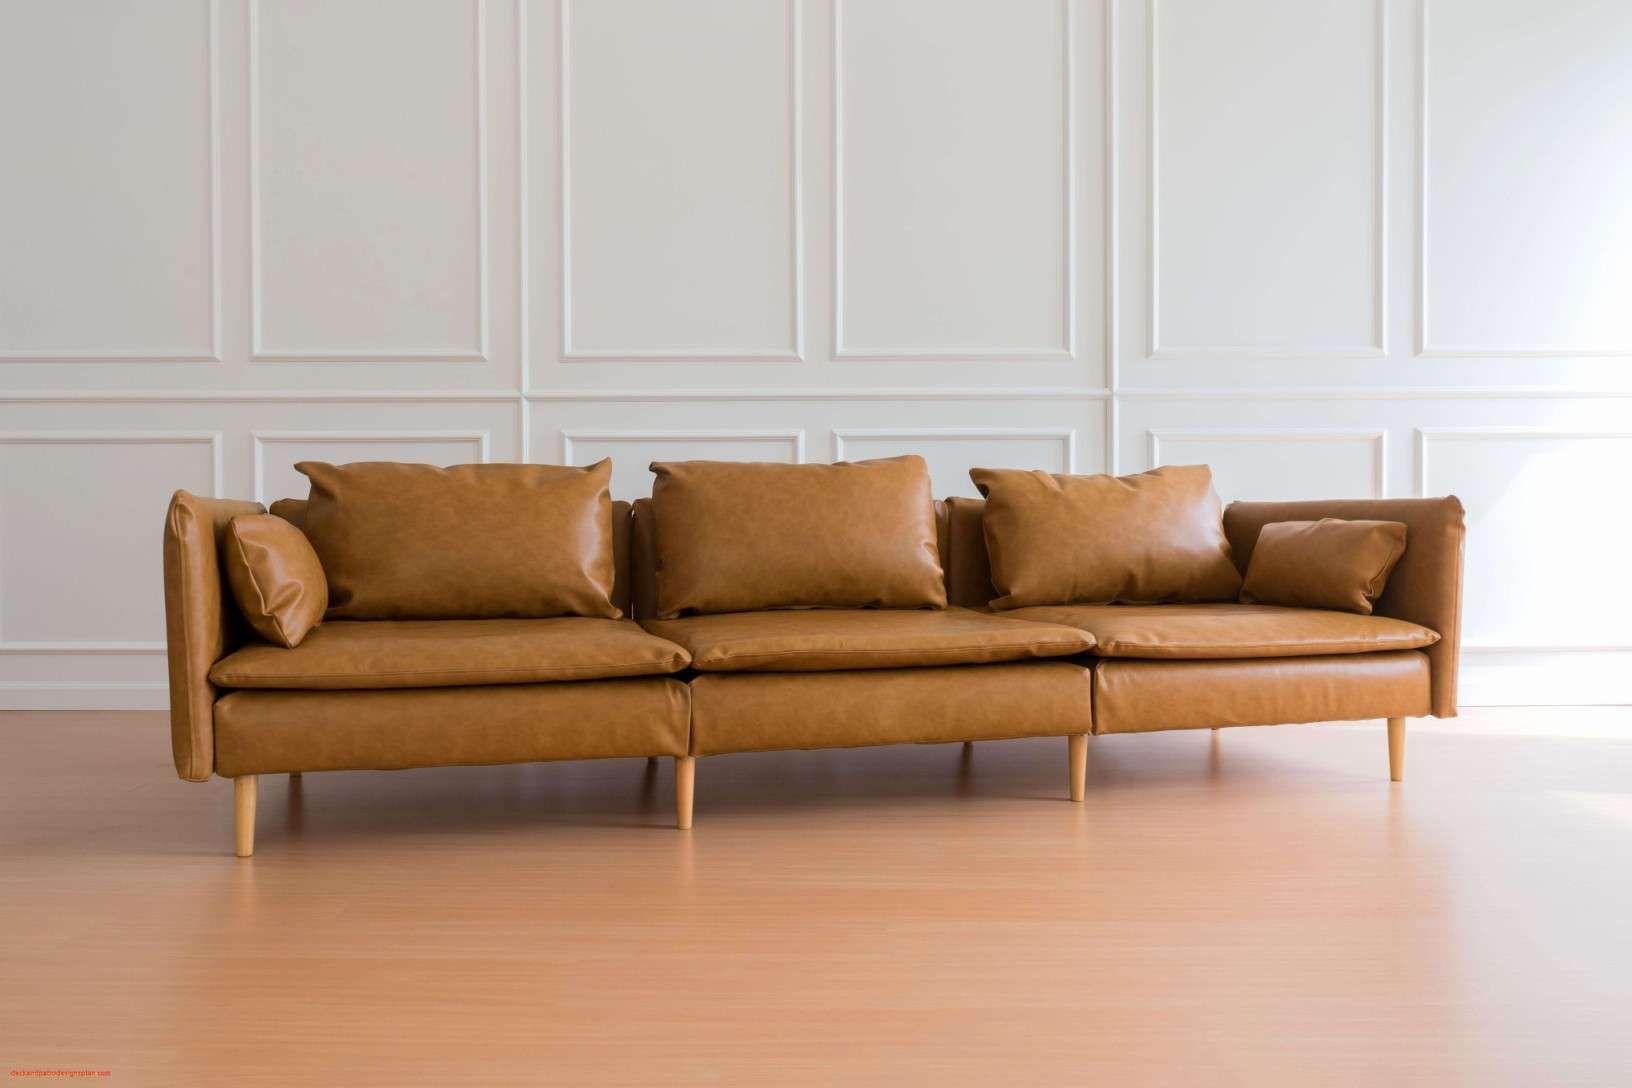 Big Sofa Grau Xxl Lutz / Xxl Lutz Couch Grau  Big sofas beweisen wahre größe in puncto komfort.